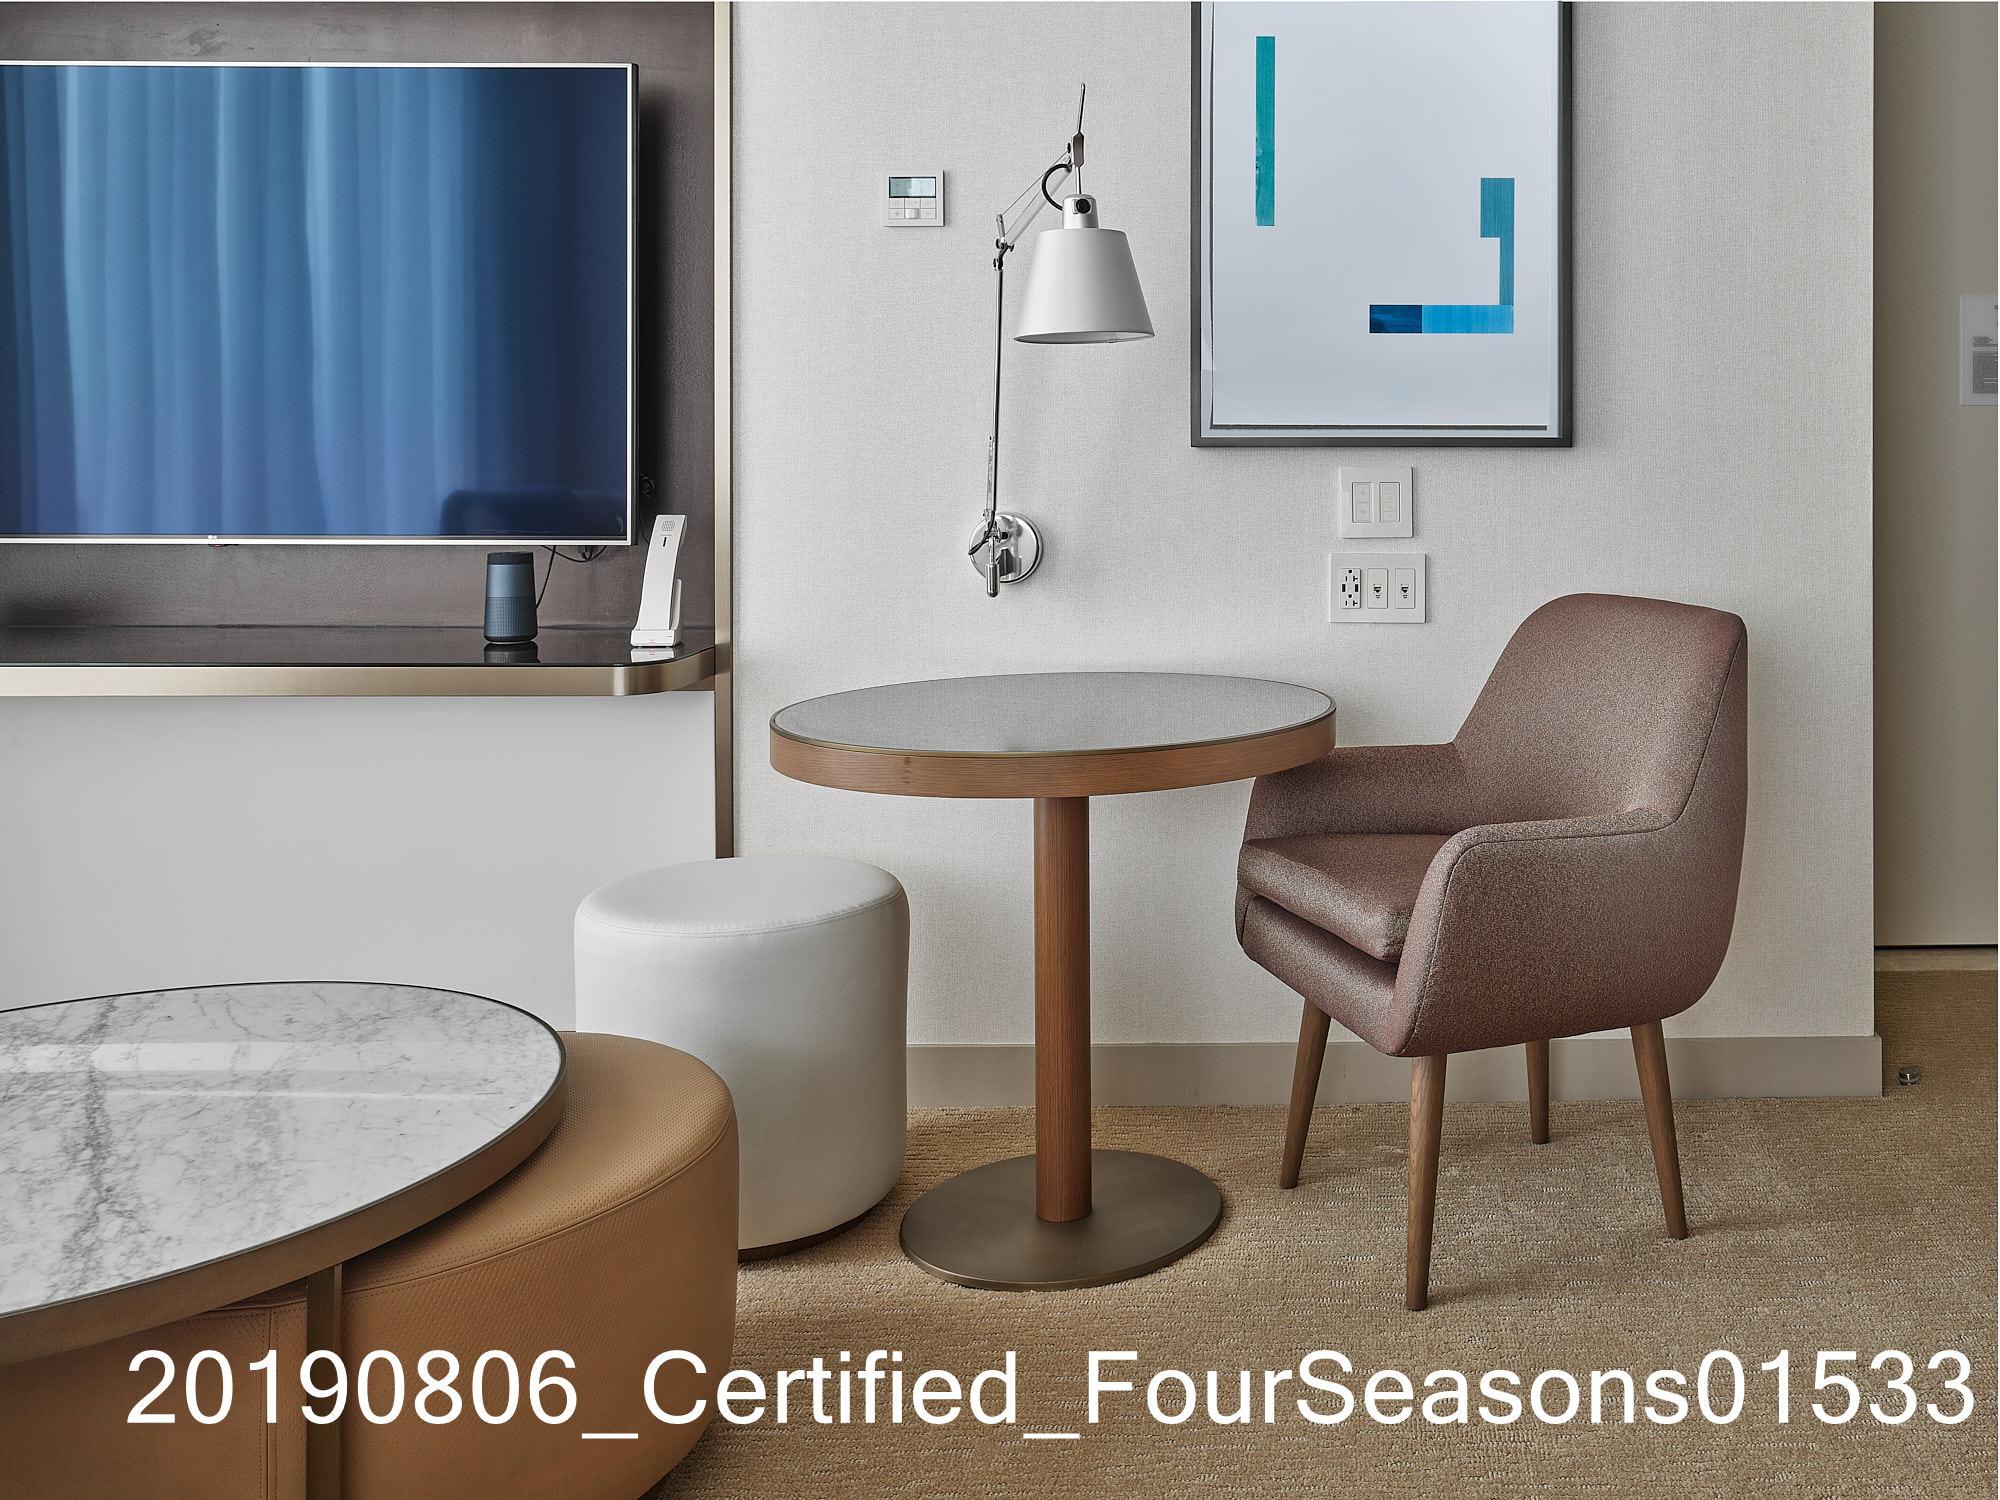 20190806_Certified_FourSeasons01533.jpg